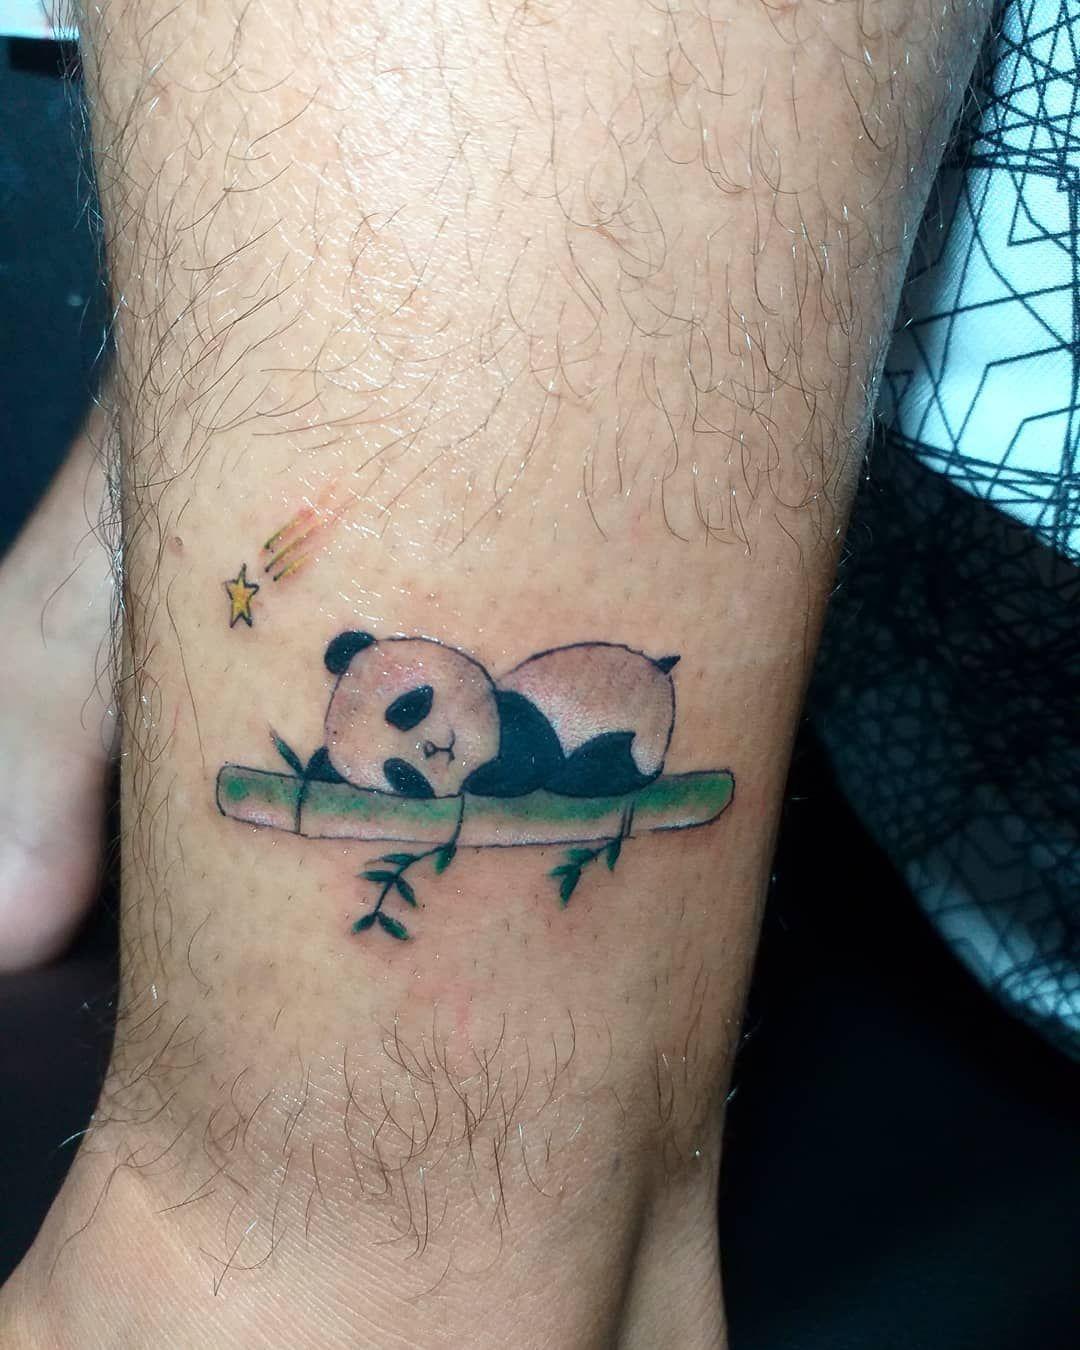 ✒Tatuajes La Cripta✒ . . 📲 0963640834 para cotizaciones . . #tattoopanda #pandatattoo #tattoostudio #tattoogye #dynamic #tattoosexi #tatuajeslacripta #tattooguayaquil #gyetattoo #tattoo #ink